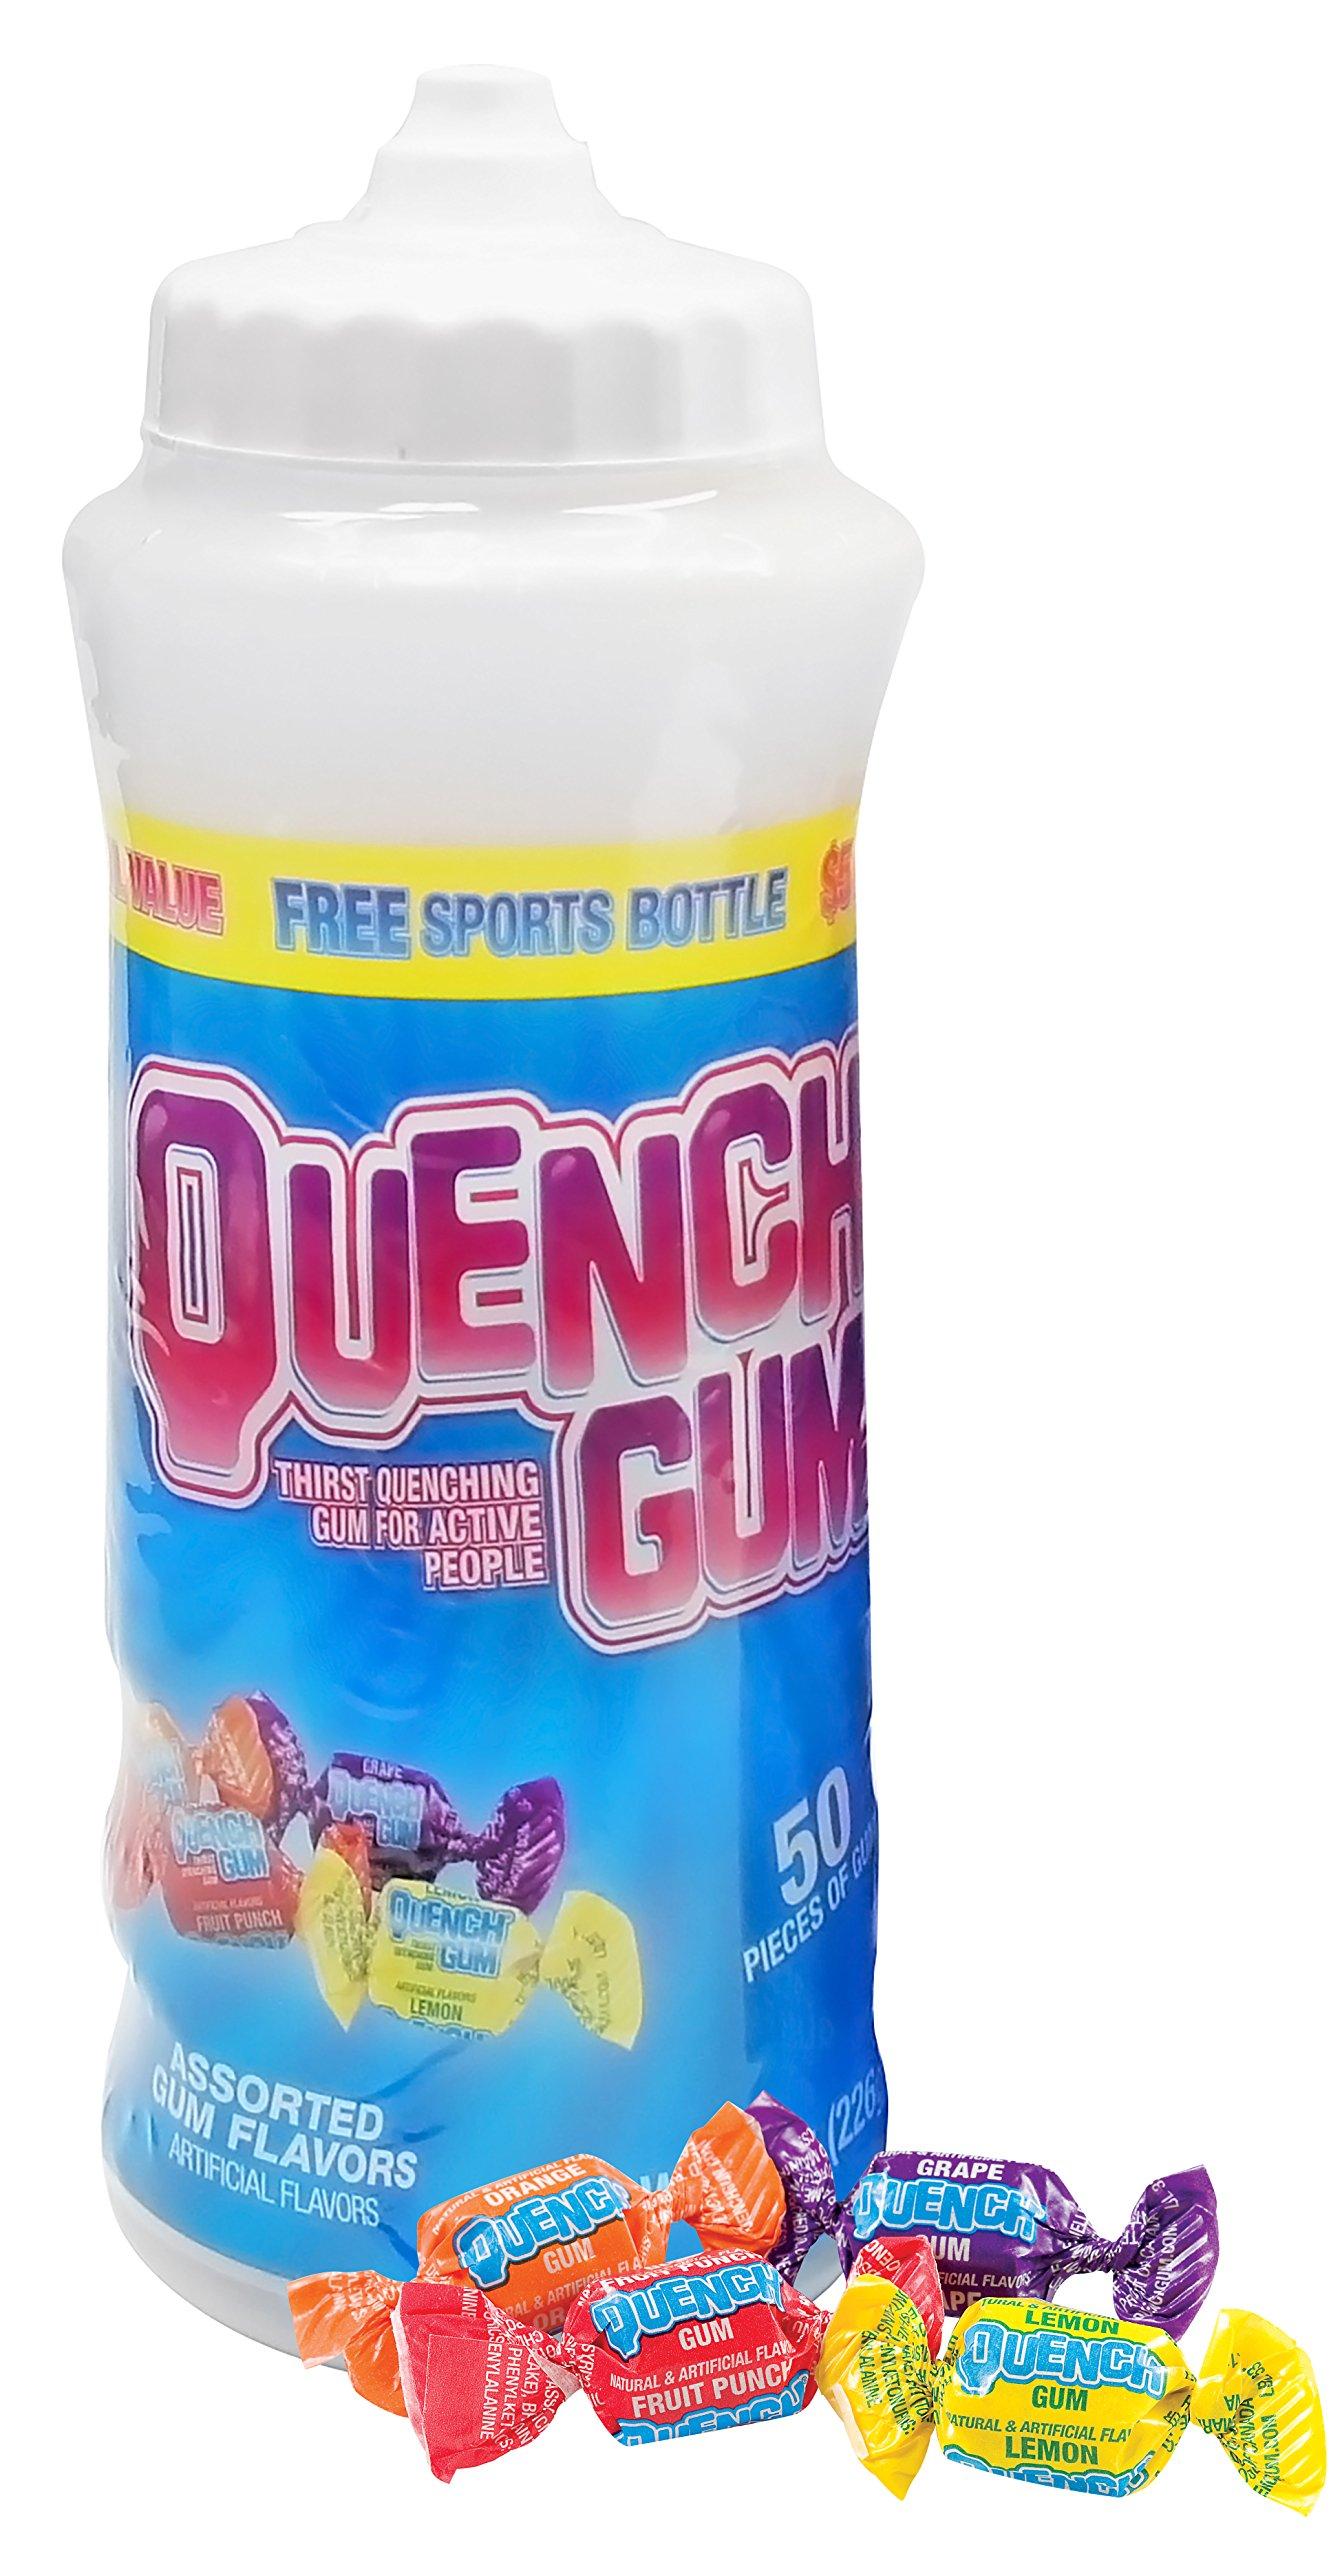 Quench Gum Sports Team Bottle, 8.0 Ounce